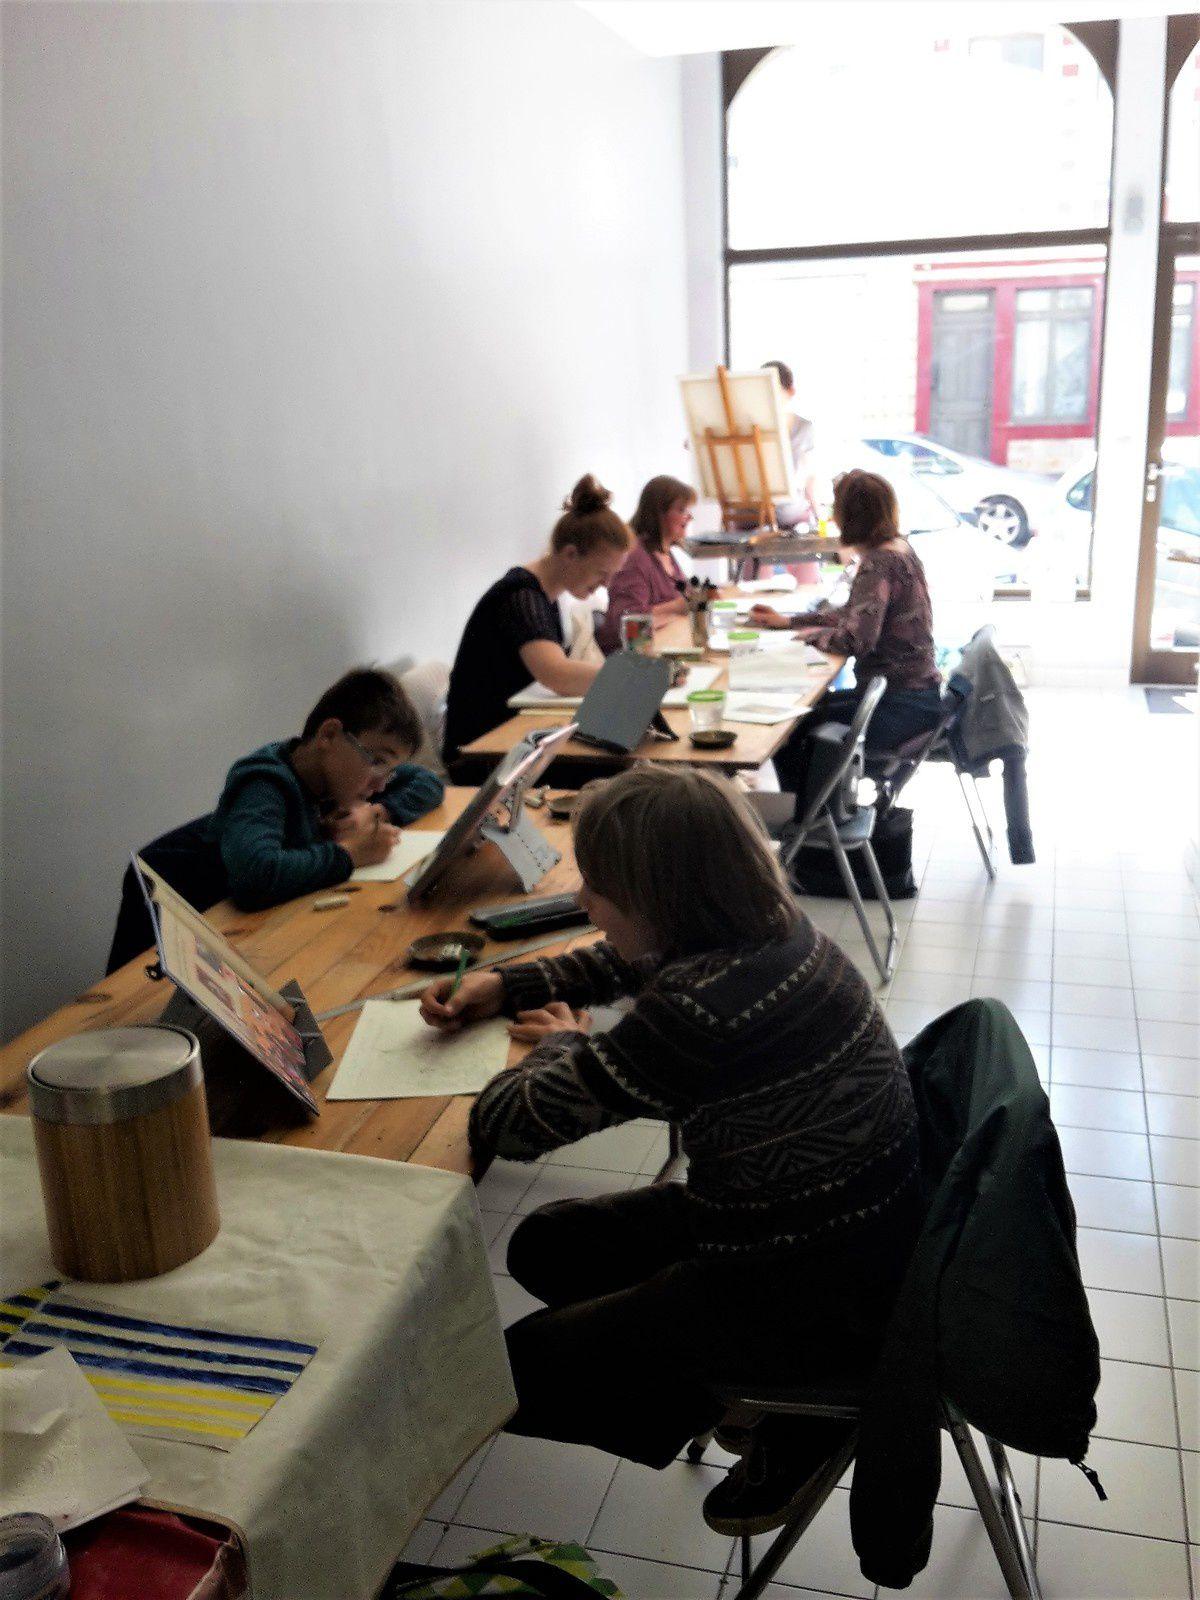 Nouvelle adresse : Atelier Art Session au 56 rue d'Amiens à Arras !!